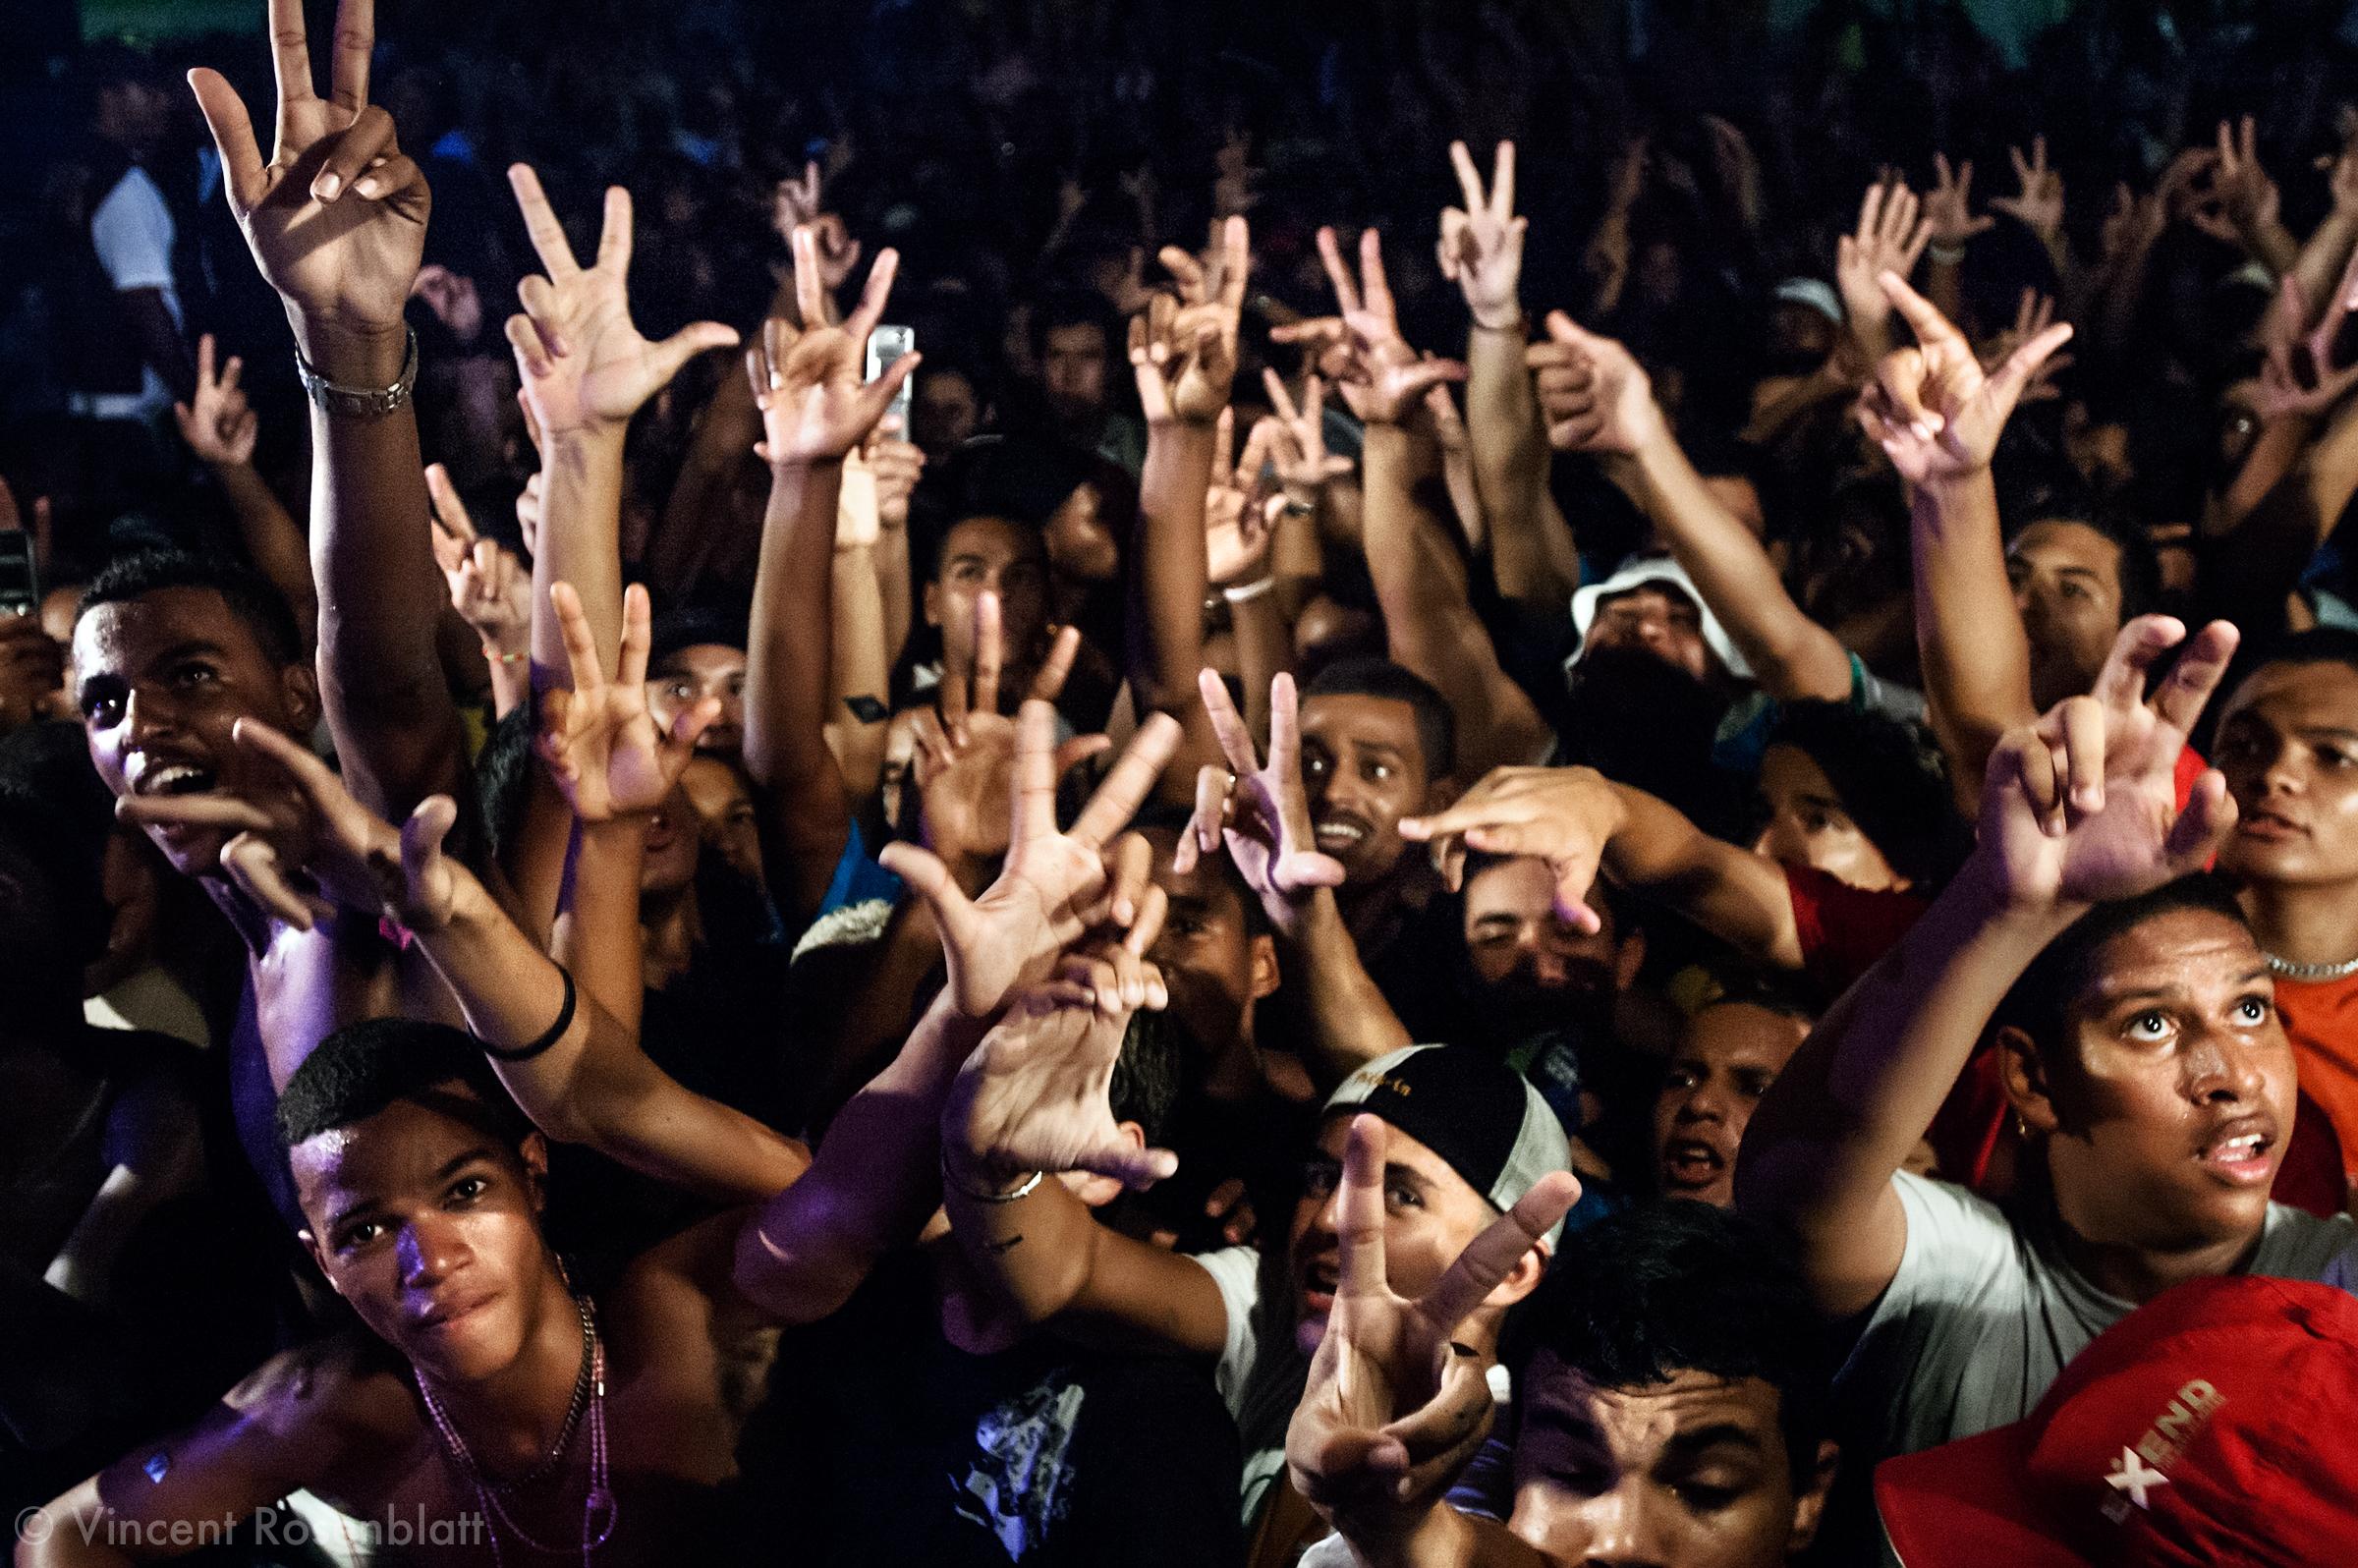 """Description/Caption:""""Baile"""" of Furacão Tsunami, the most powerful soundsystem on the Funk scene in Rio. Club Boqueirão, downtown Rio de Janeiro . Every hand gesture has a meaning : 3 fingers apart mean """"Vida louca"""" (crazy life), the C and V letters symbolize the Commando Vermelho, the principal drug faction in Rio's favelas."""